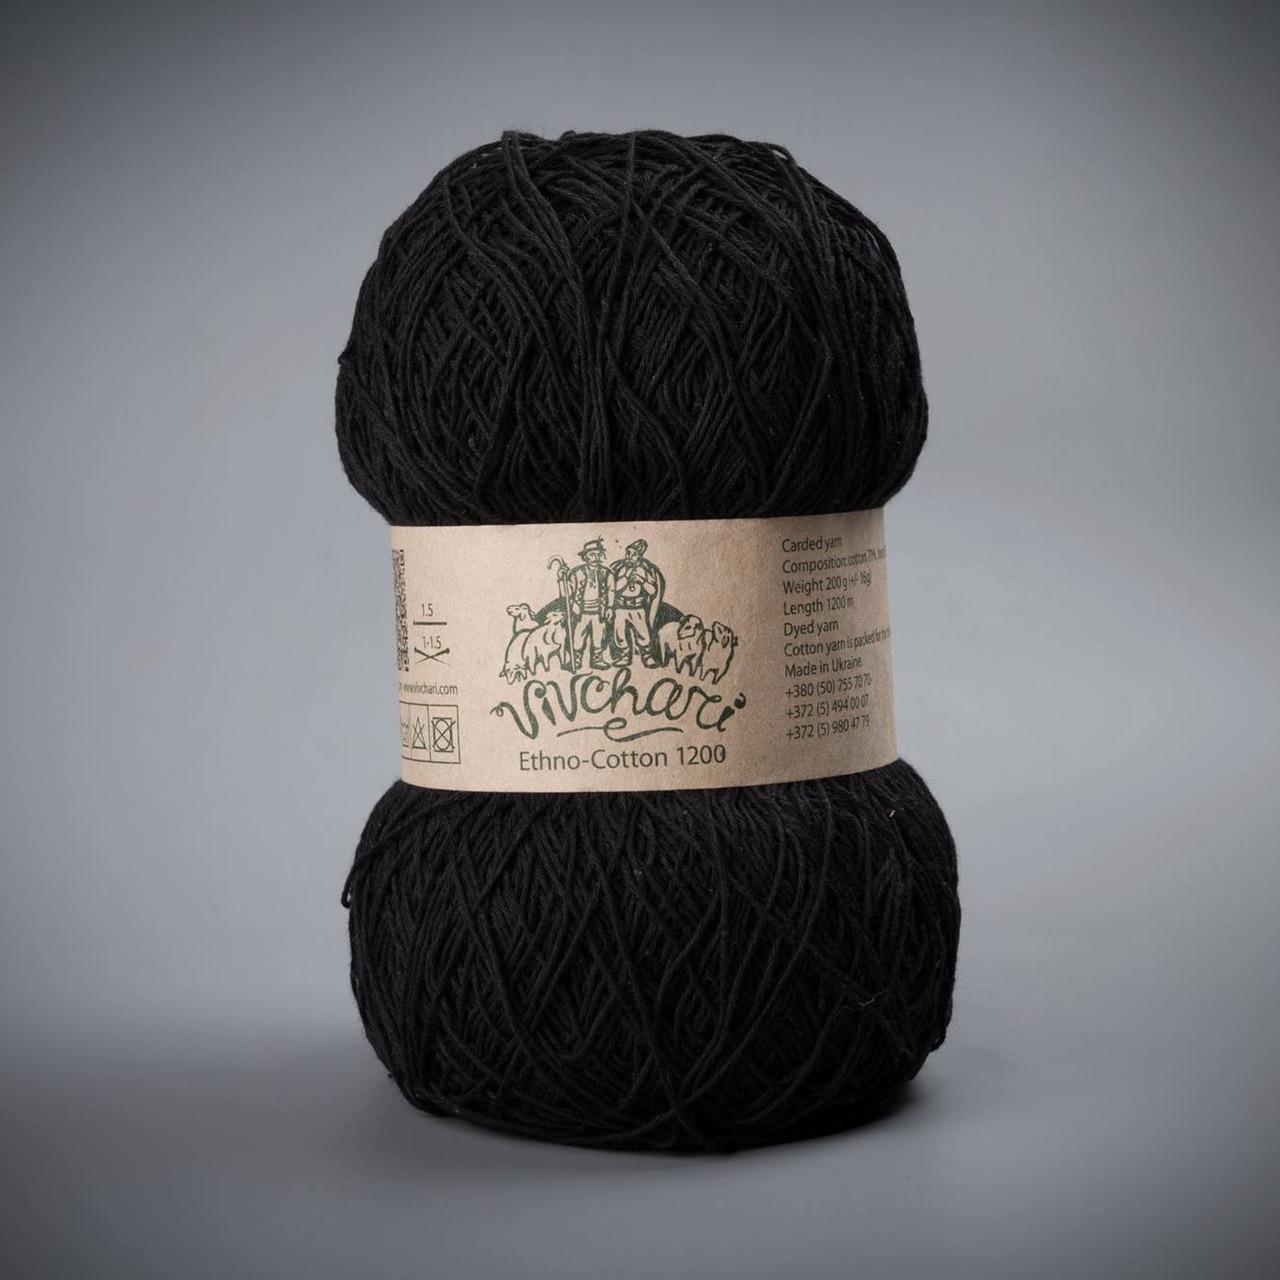 Пряжа Vivchari Ethno-Cotton 1200, цвет 013 черный